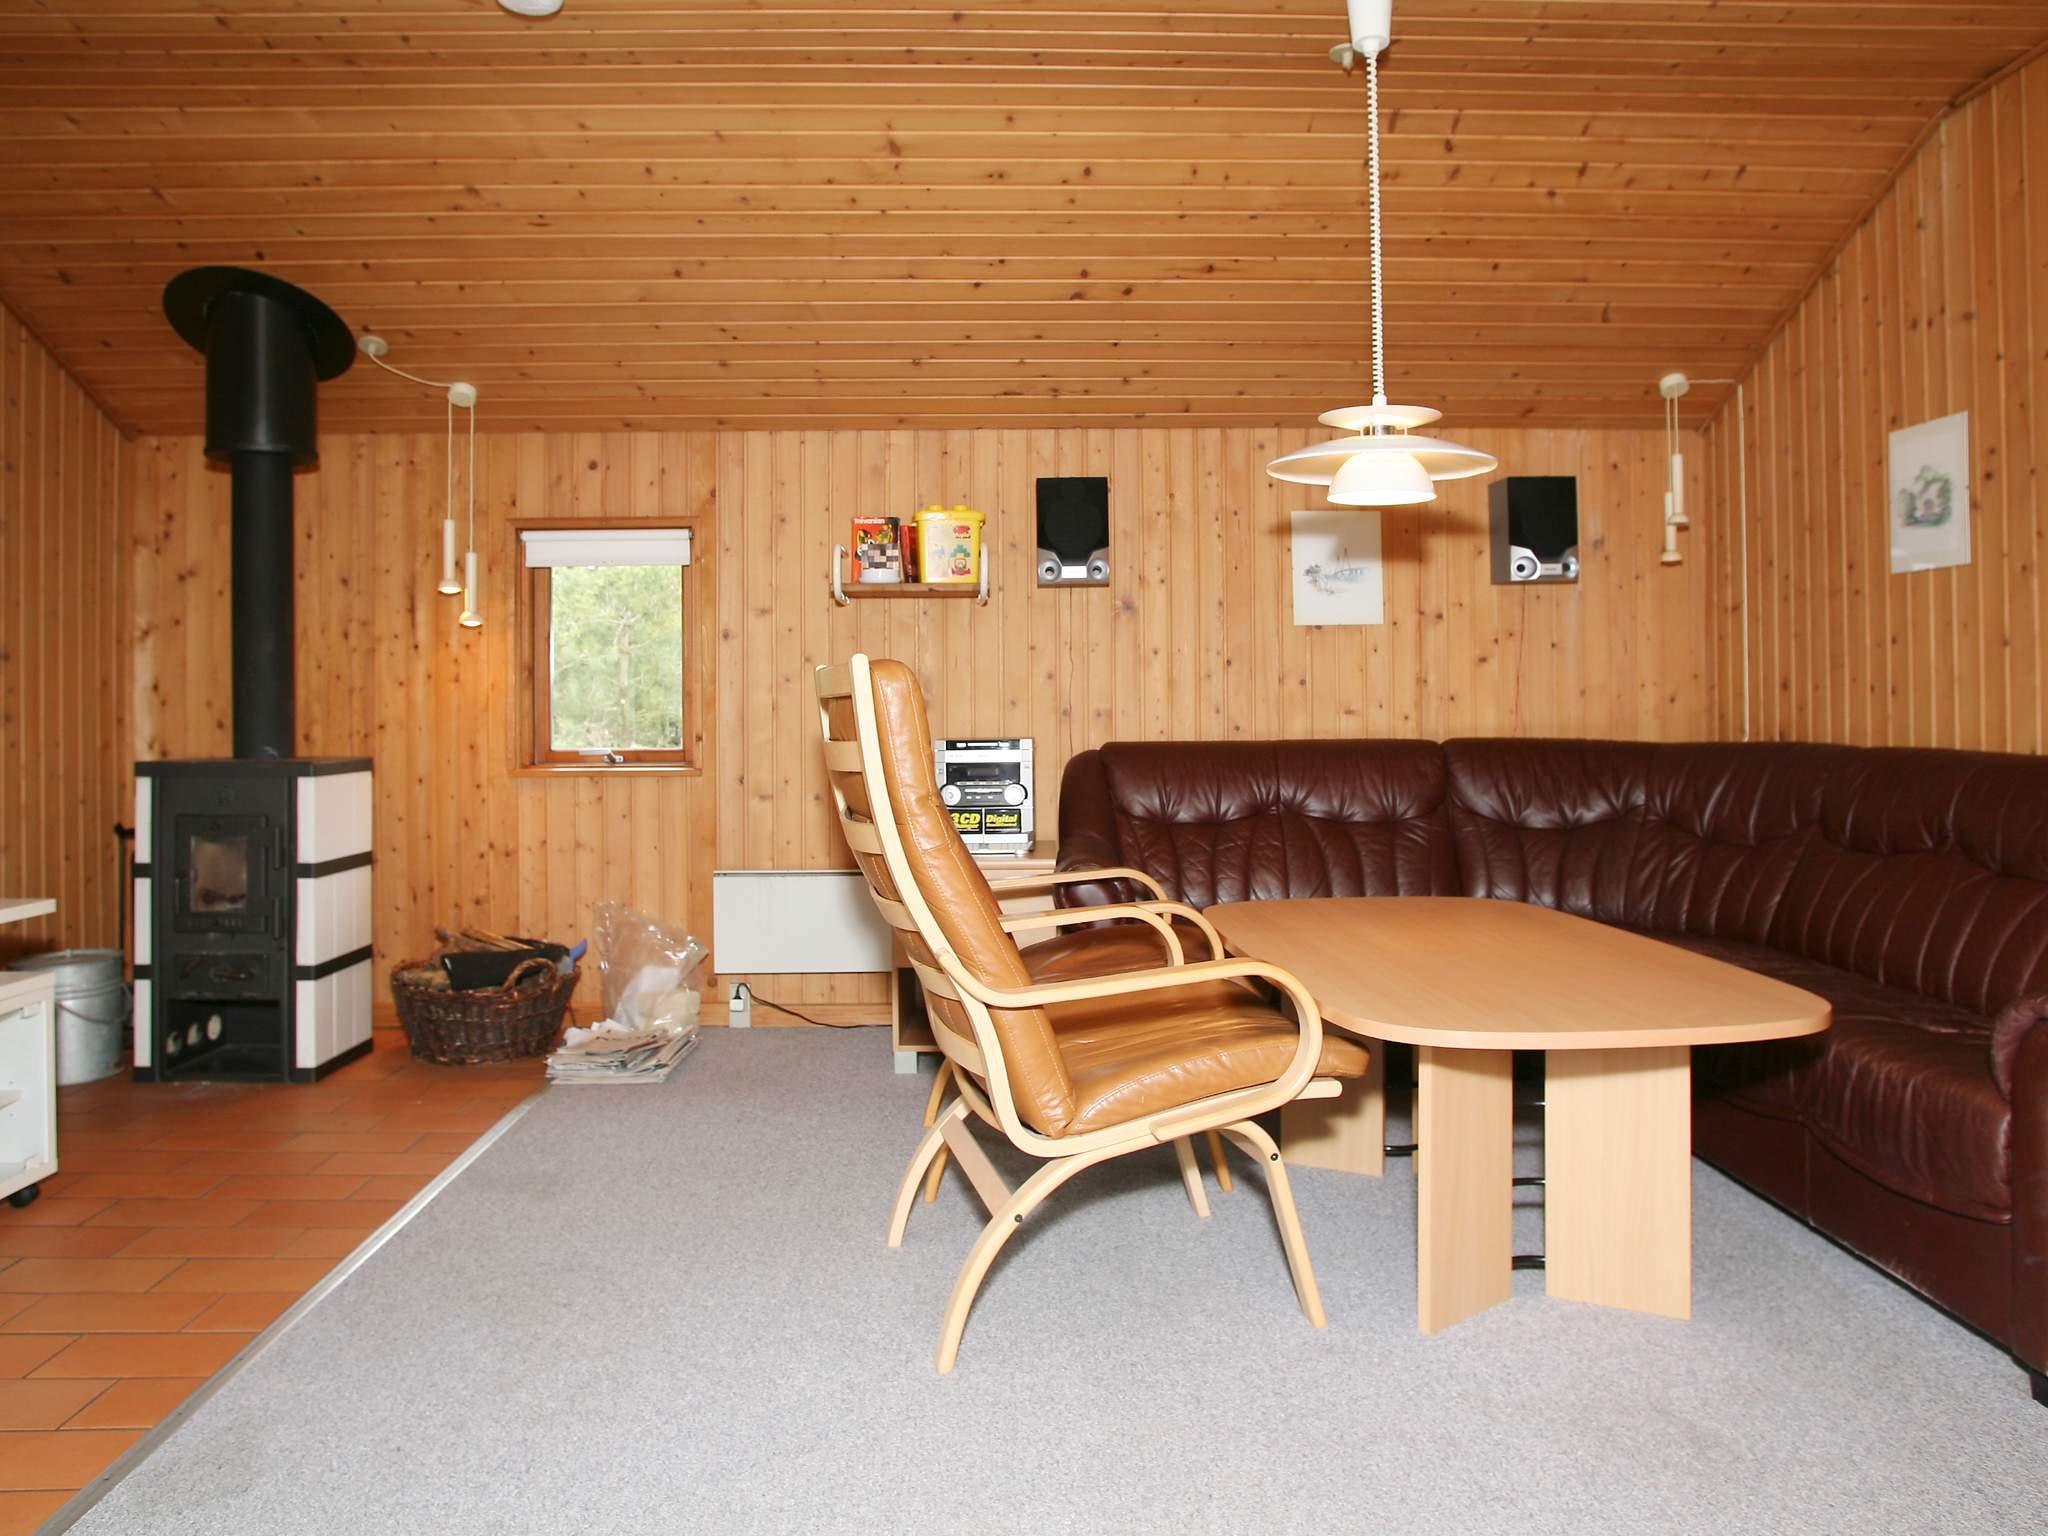 Ferienhaus Marielyst (87236), Marielyst, , Falster, Dänemark, Bild 2